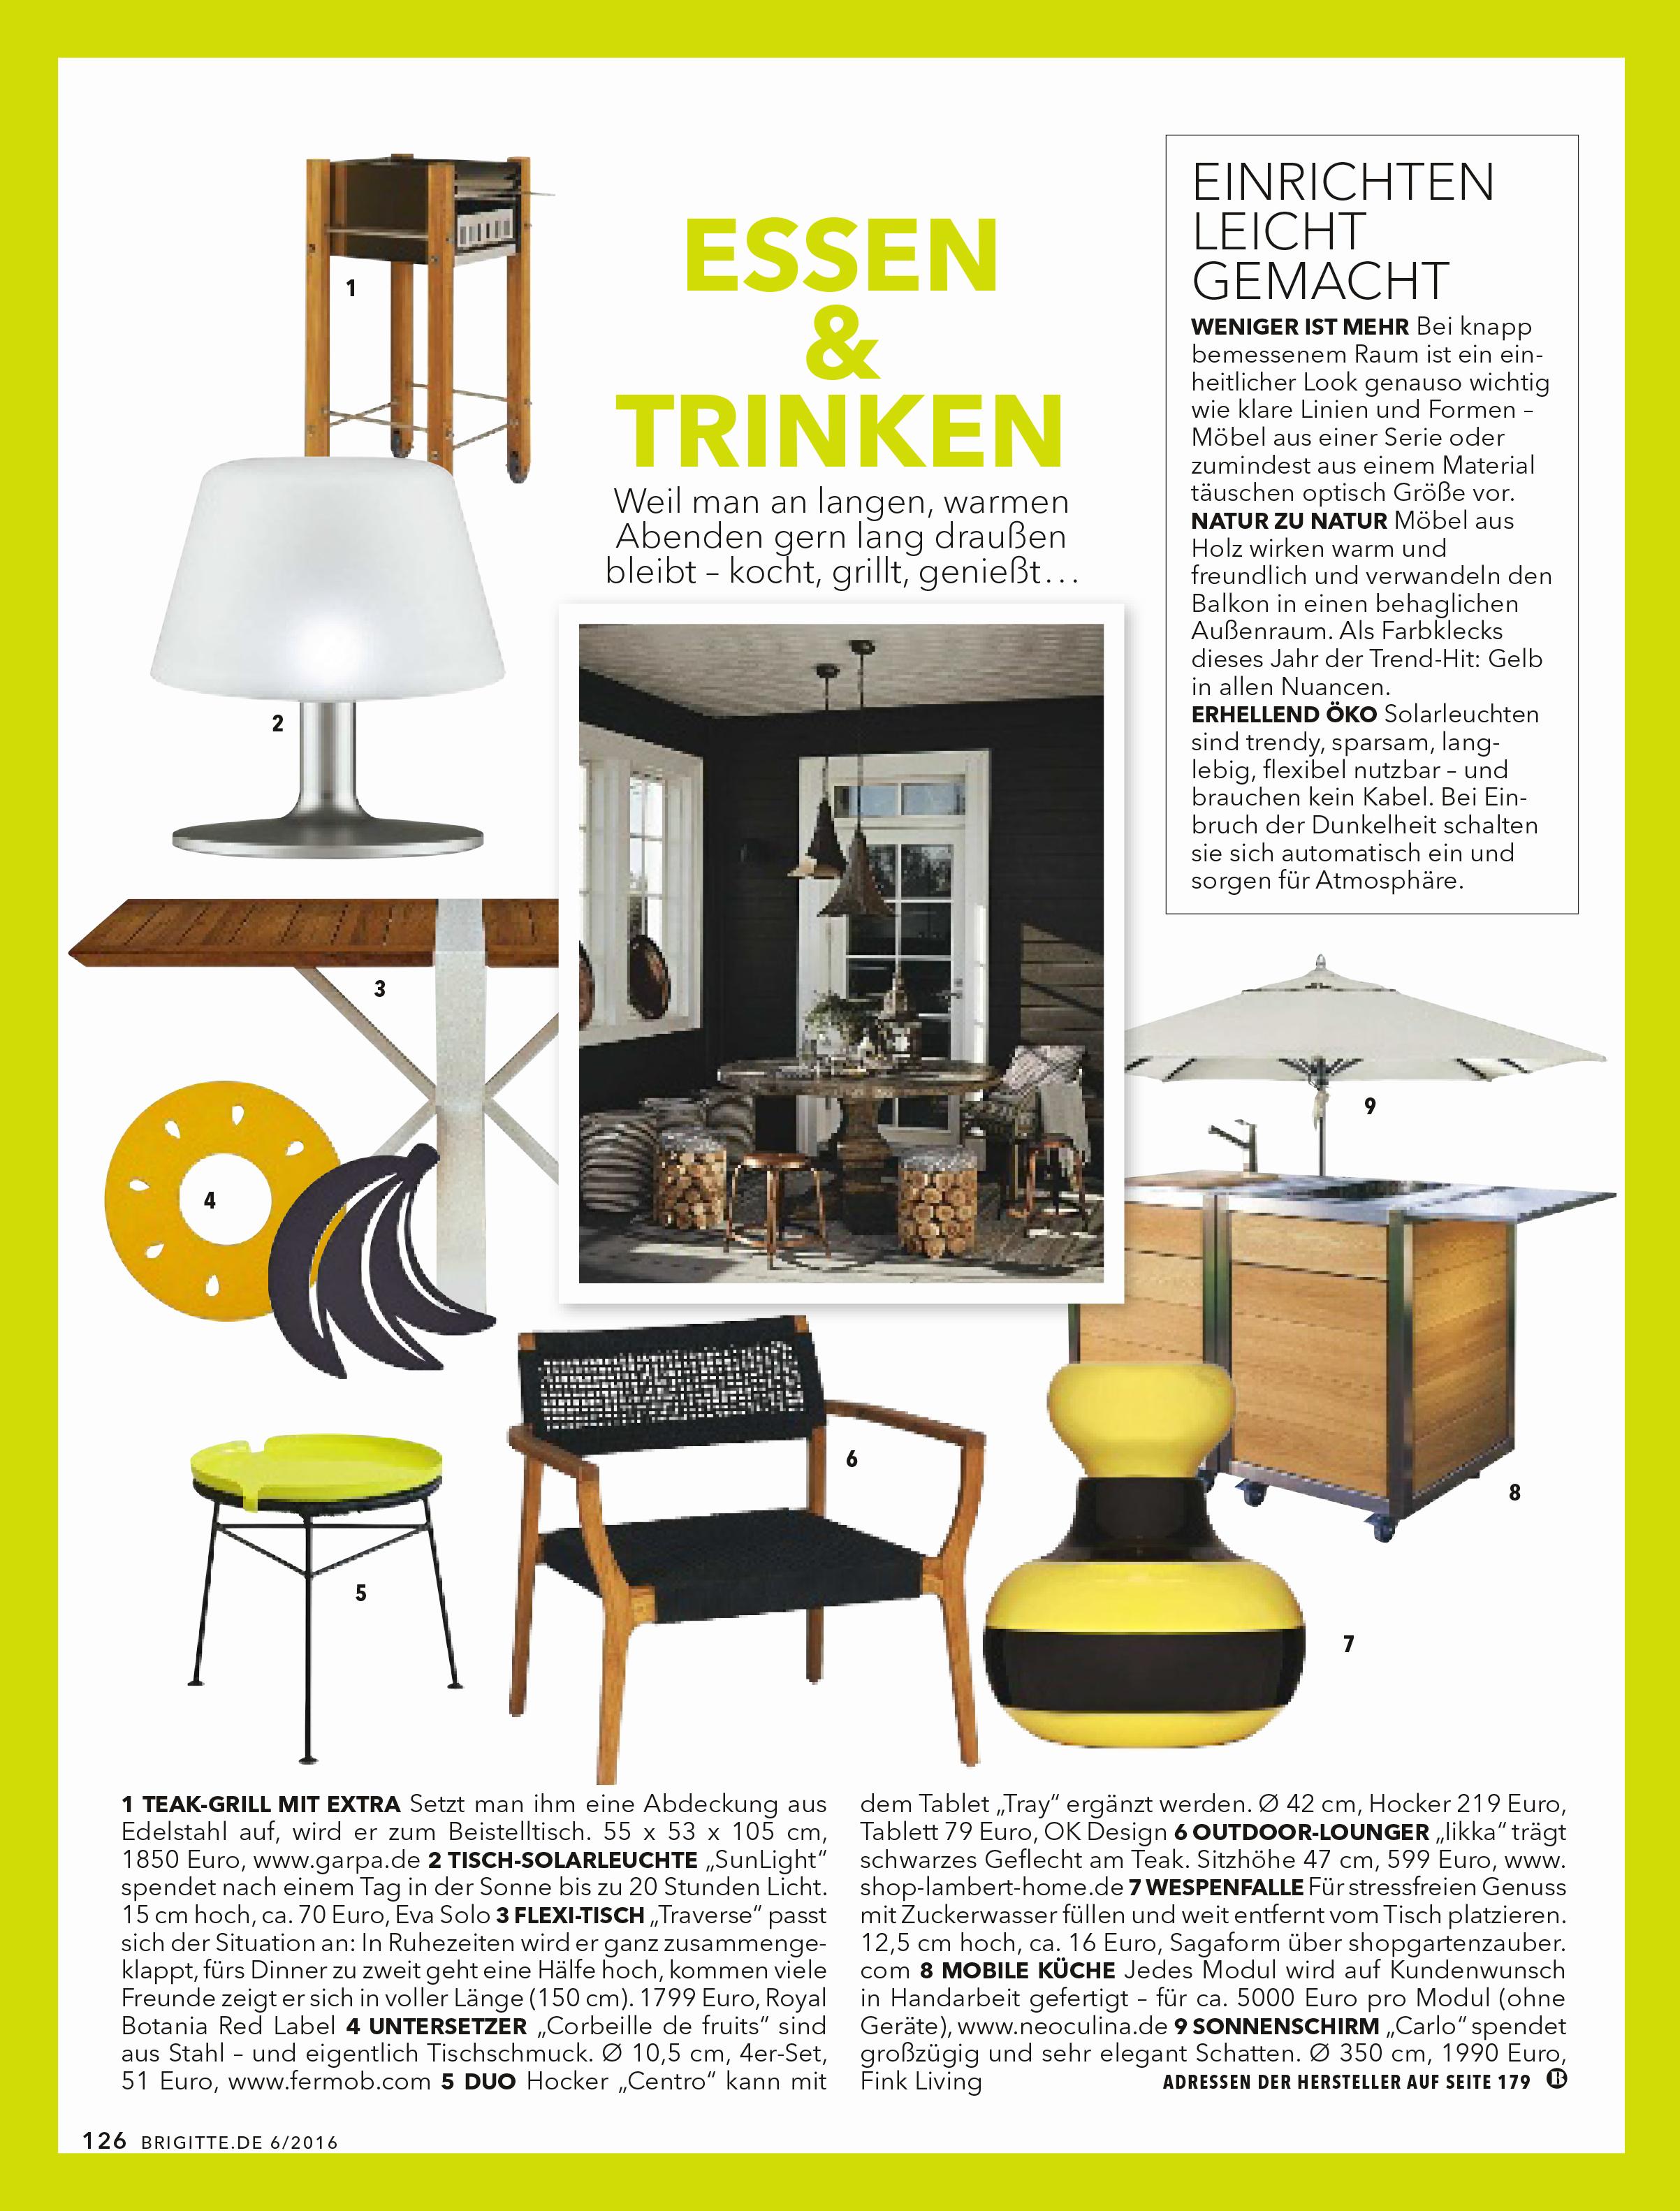 Artikel über das mobile Küchenmodul Neoculina von Wohnwert Innenarchitektur im Magazin Brigitte